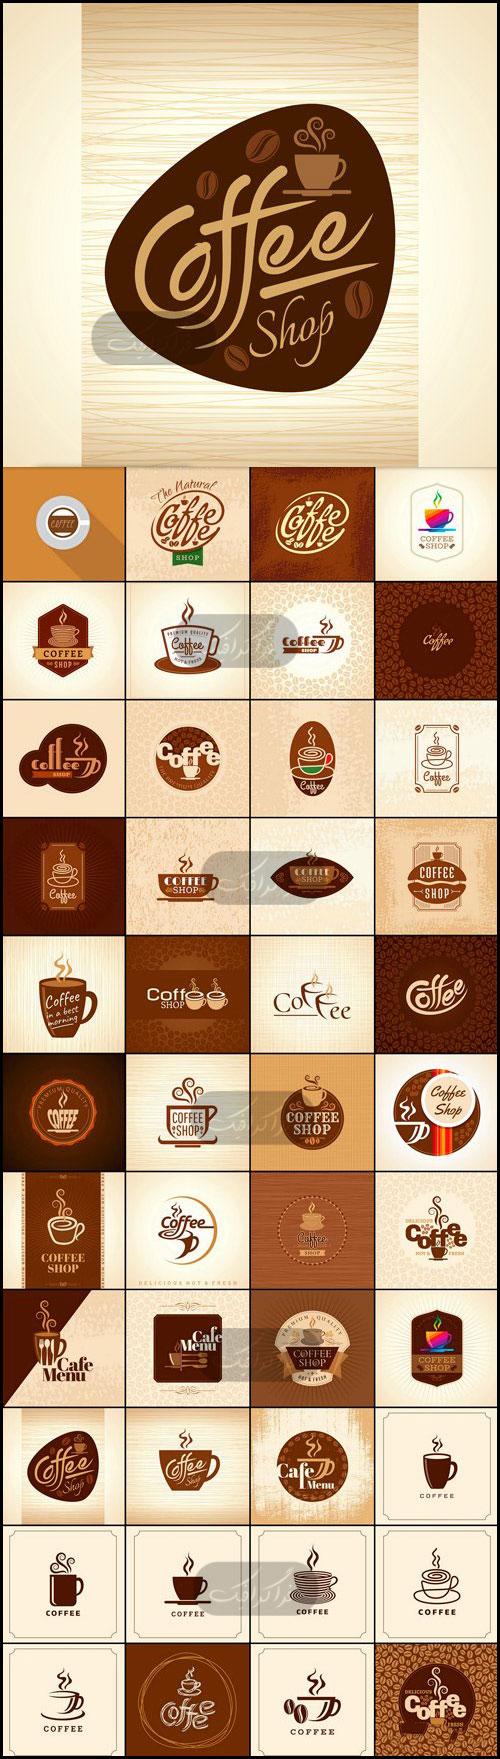 دانلود لوگو های فنجان قهوه - لایه باز وکتور - شماره 4